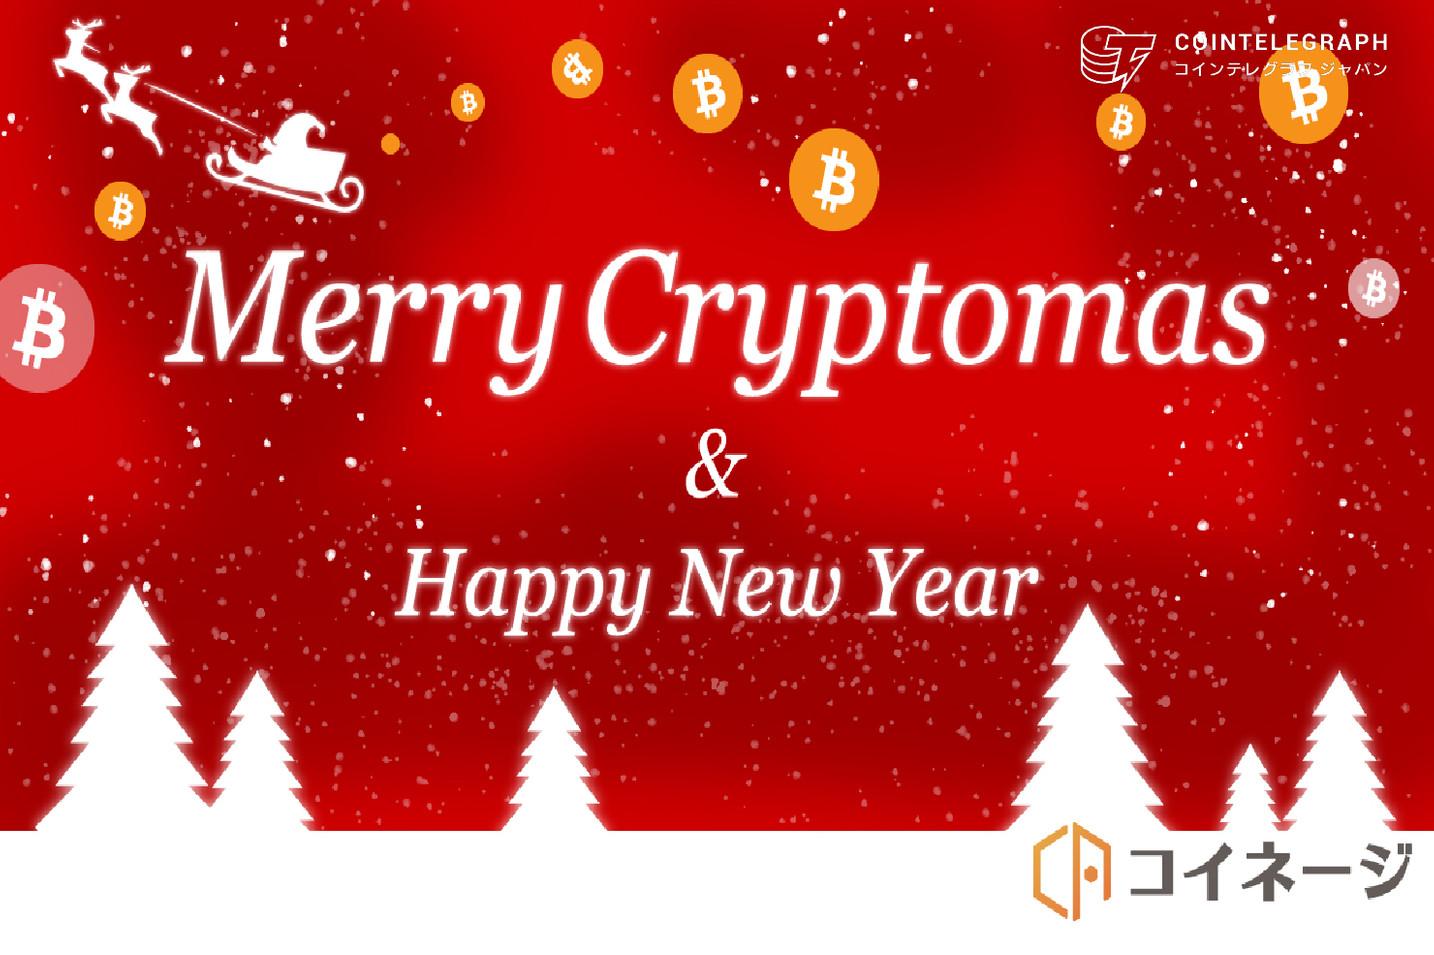 クリスマス企画「Merry Cryptomas」YouTube動画配信のお知らせ -聖なる暗号資産の夜-